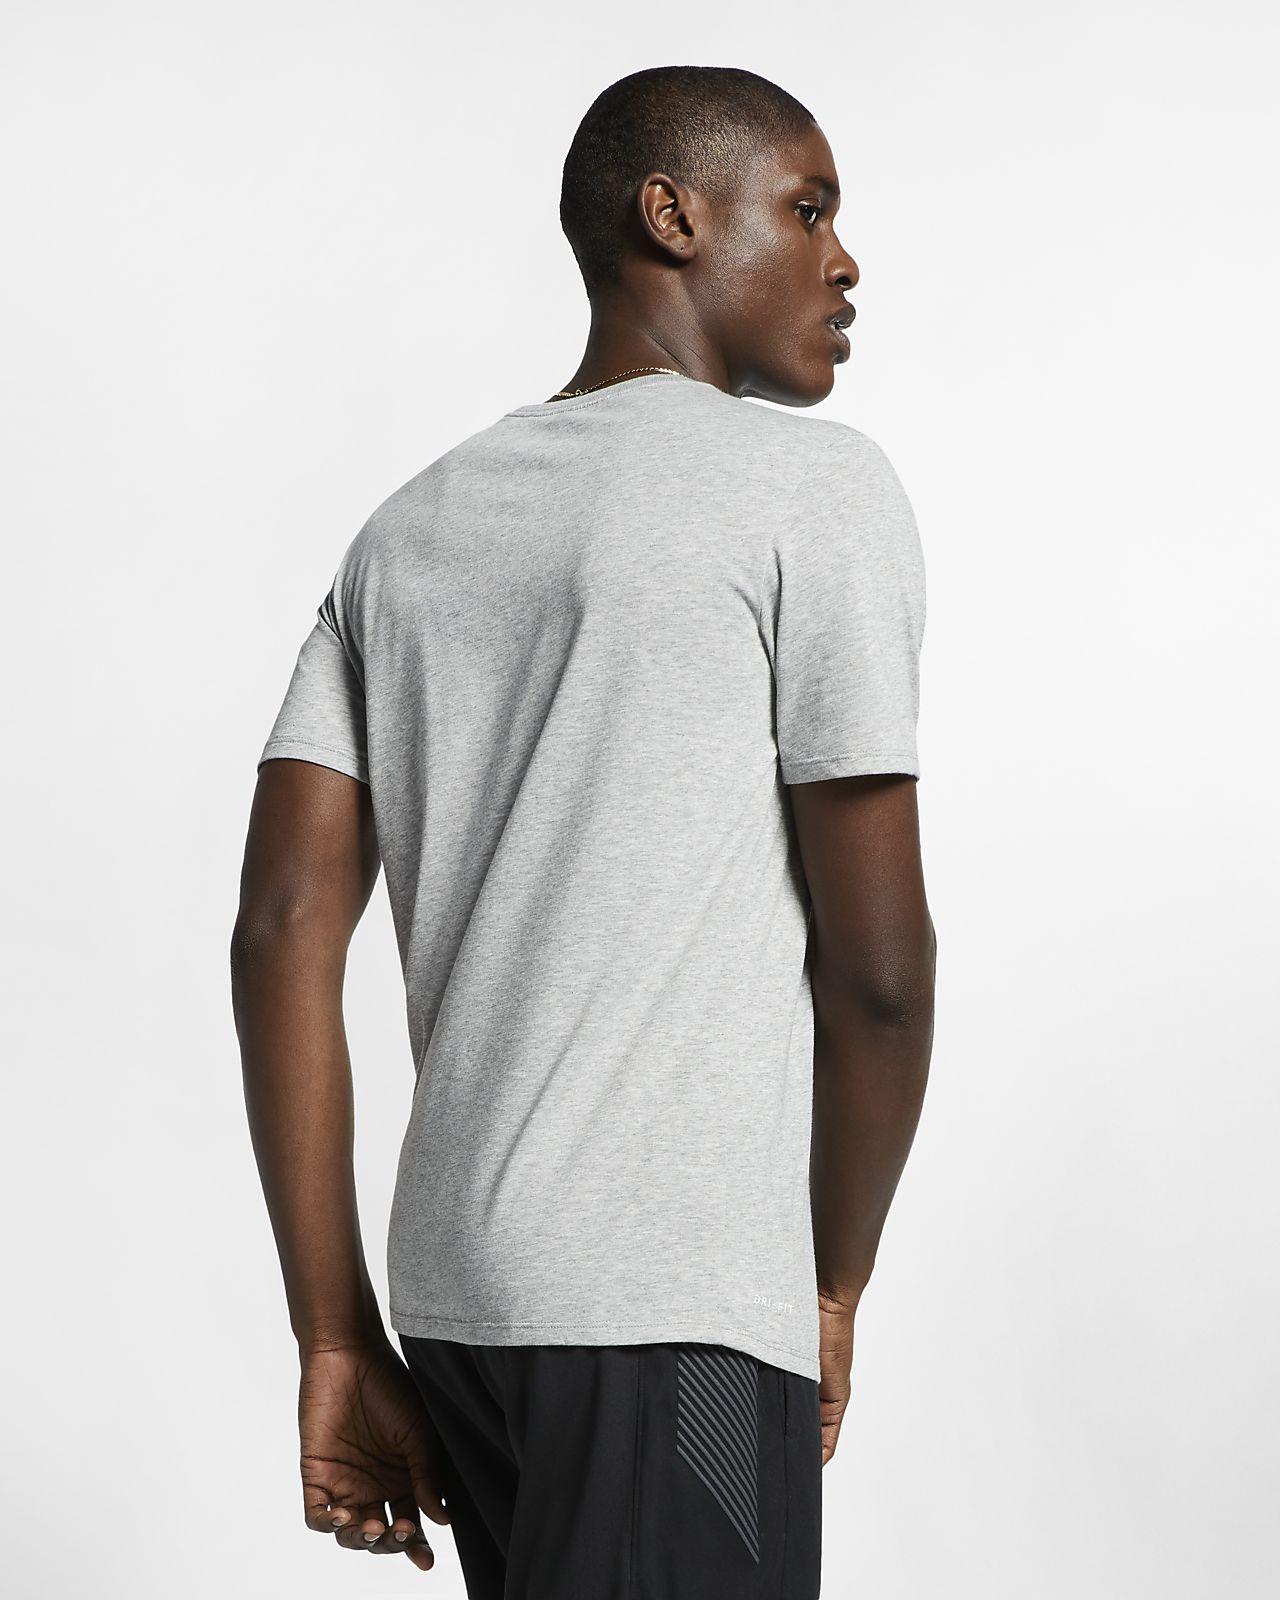 online store 21e87 dc34e ... Los Angeles Lakers Nike Dri-FIT Men s NBA T-Shirt